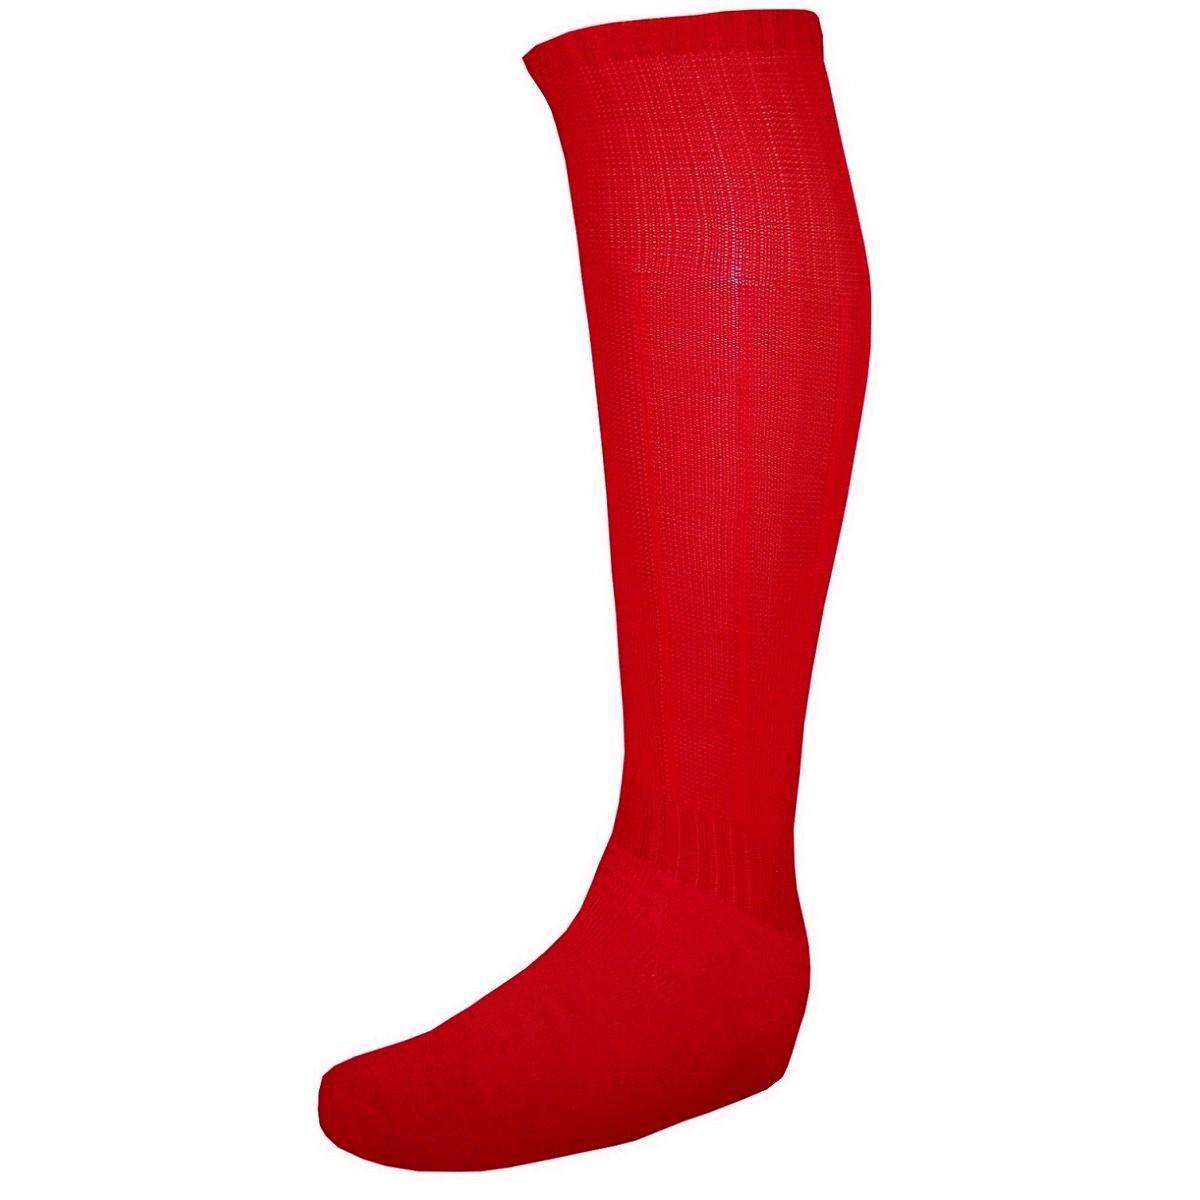 Fardamento Completo modelo Milan 20+1 (20 camisas Vermelho/Branco + 20 calções modelo Copa Royal/Branco + 20 pares de meiões Vermelho + 1 conjunto de goleiro) + Brindes